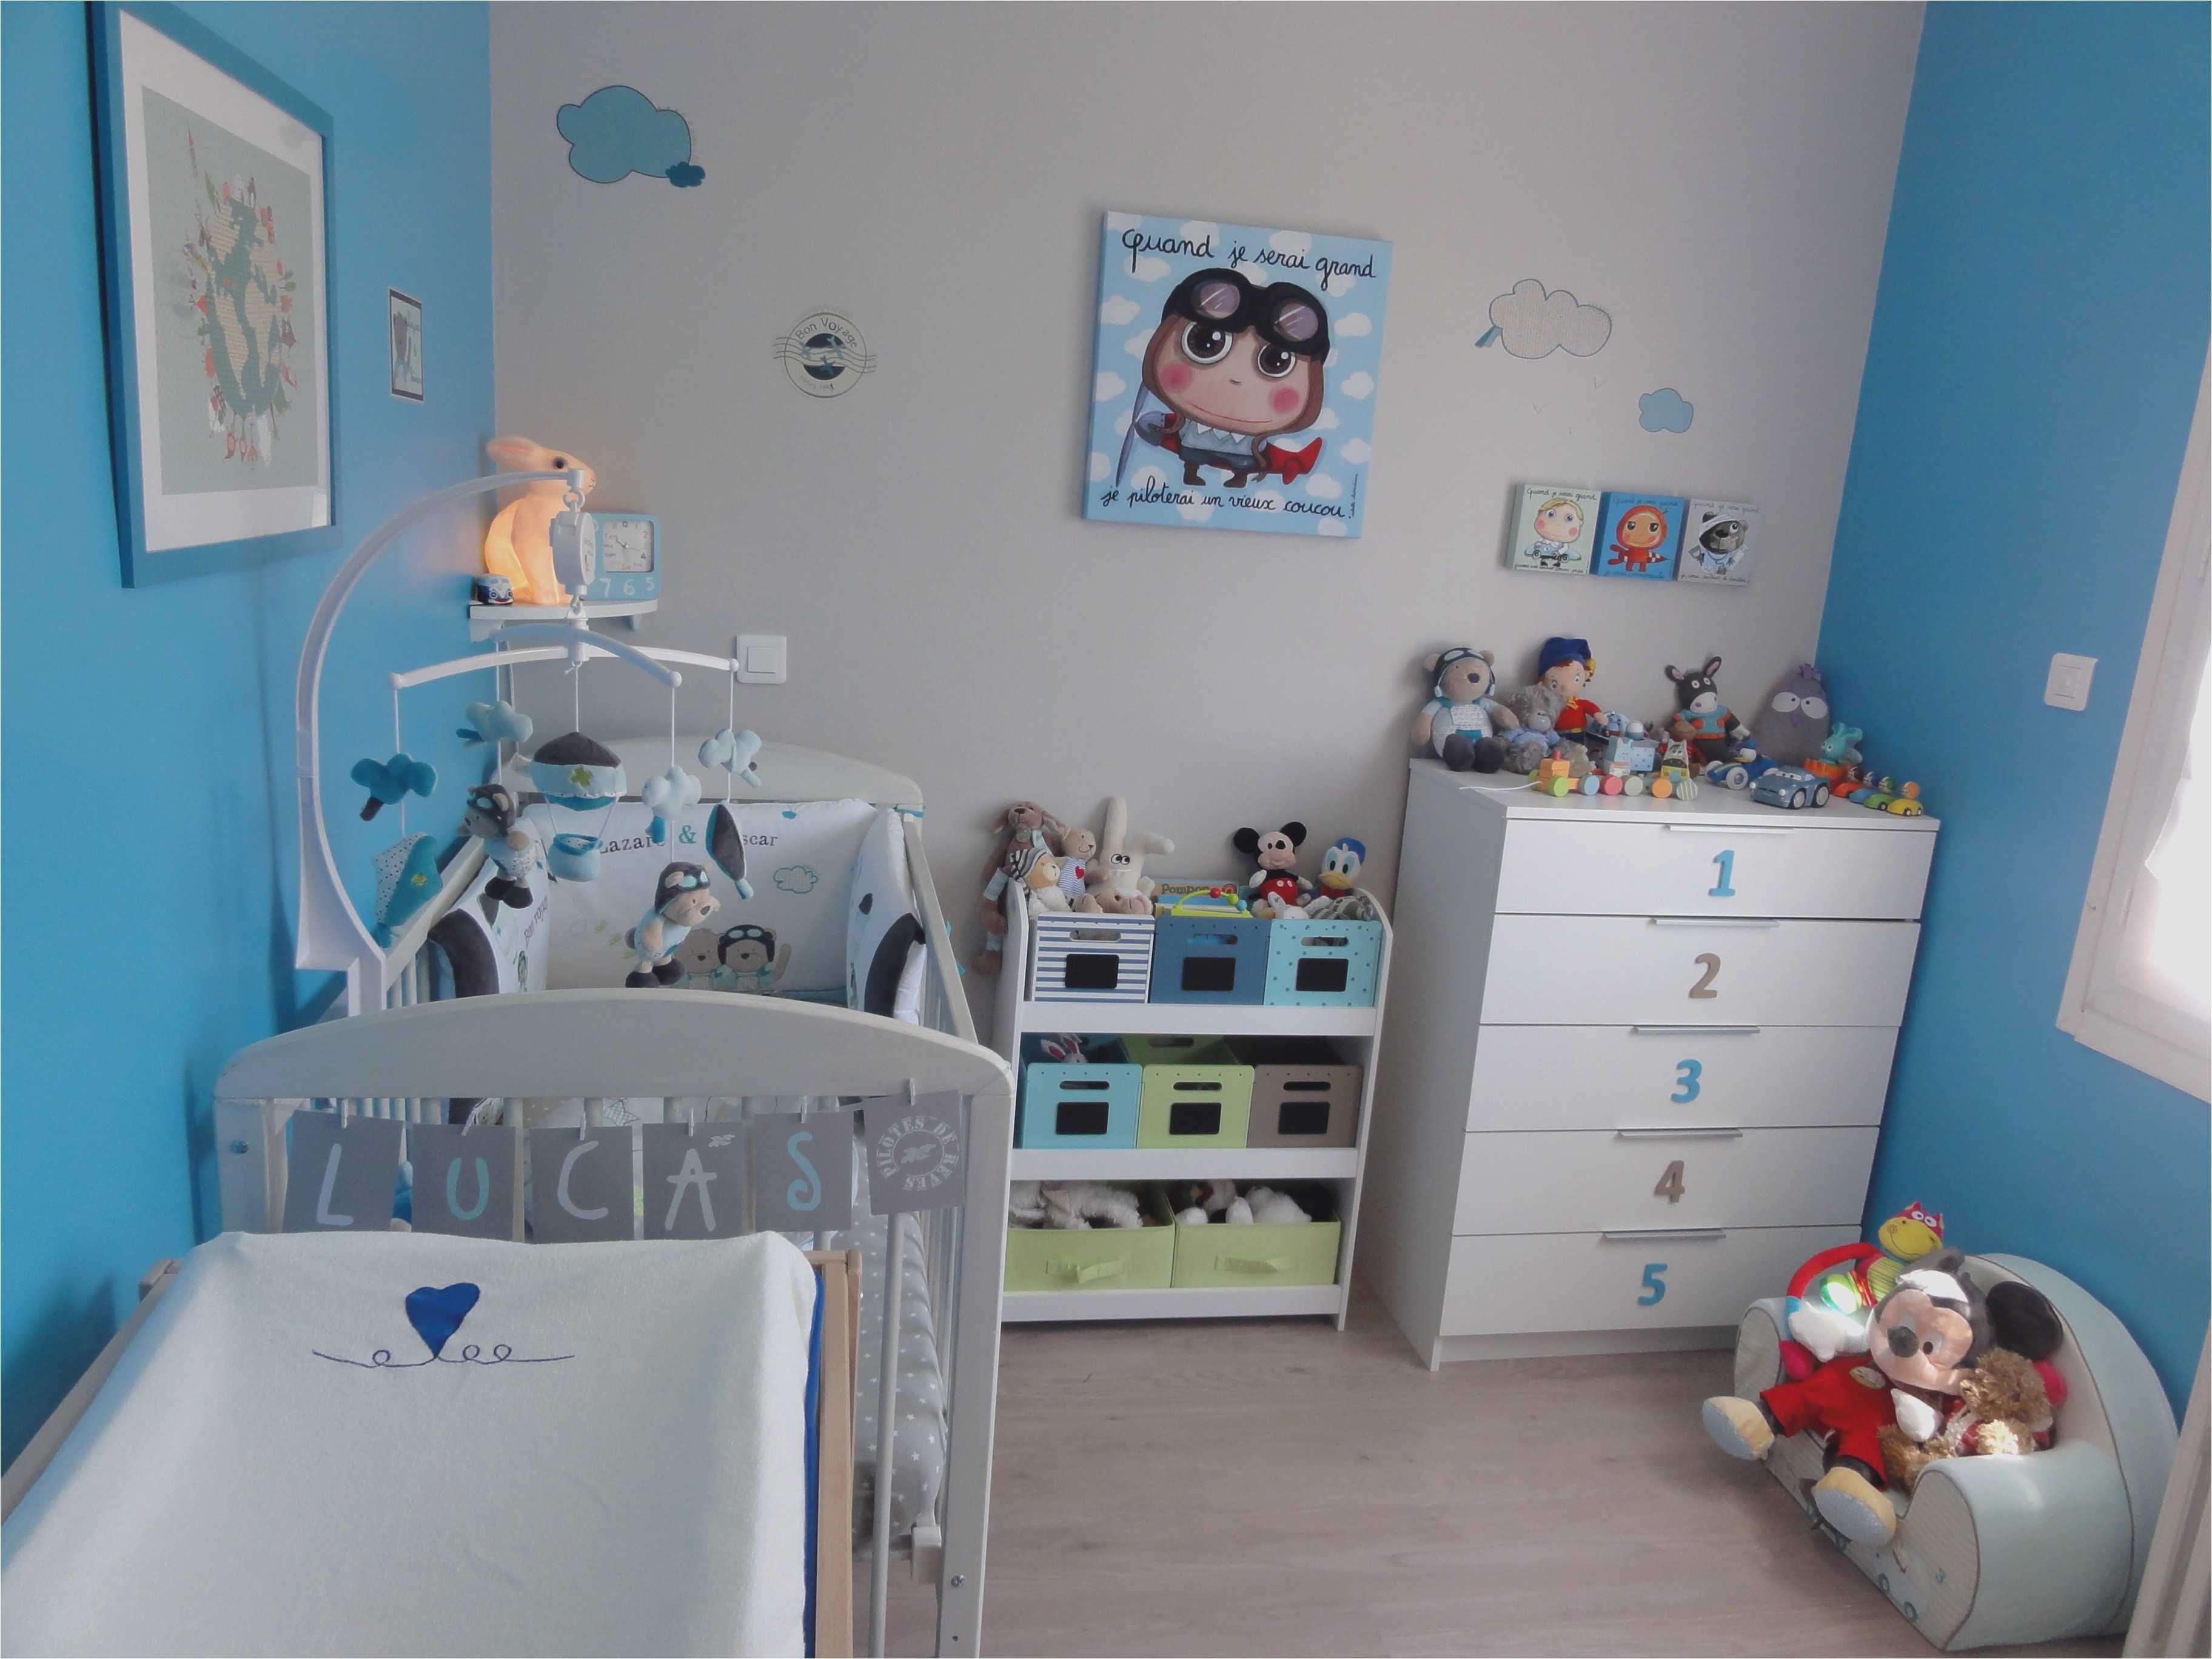 Lit Bébé Superposé Meilleur De Séduisant Chambre Enfant Lit Superposé Ou Lit Biné Armoire Fresh Lit